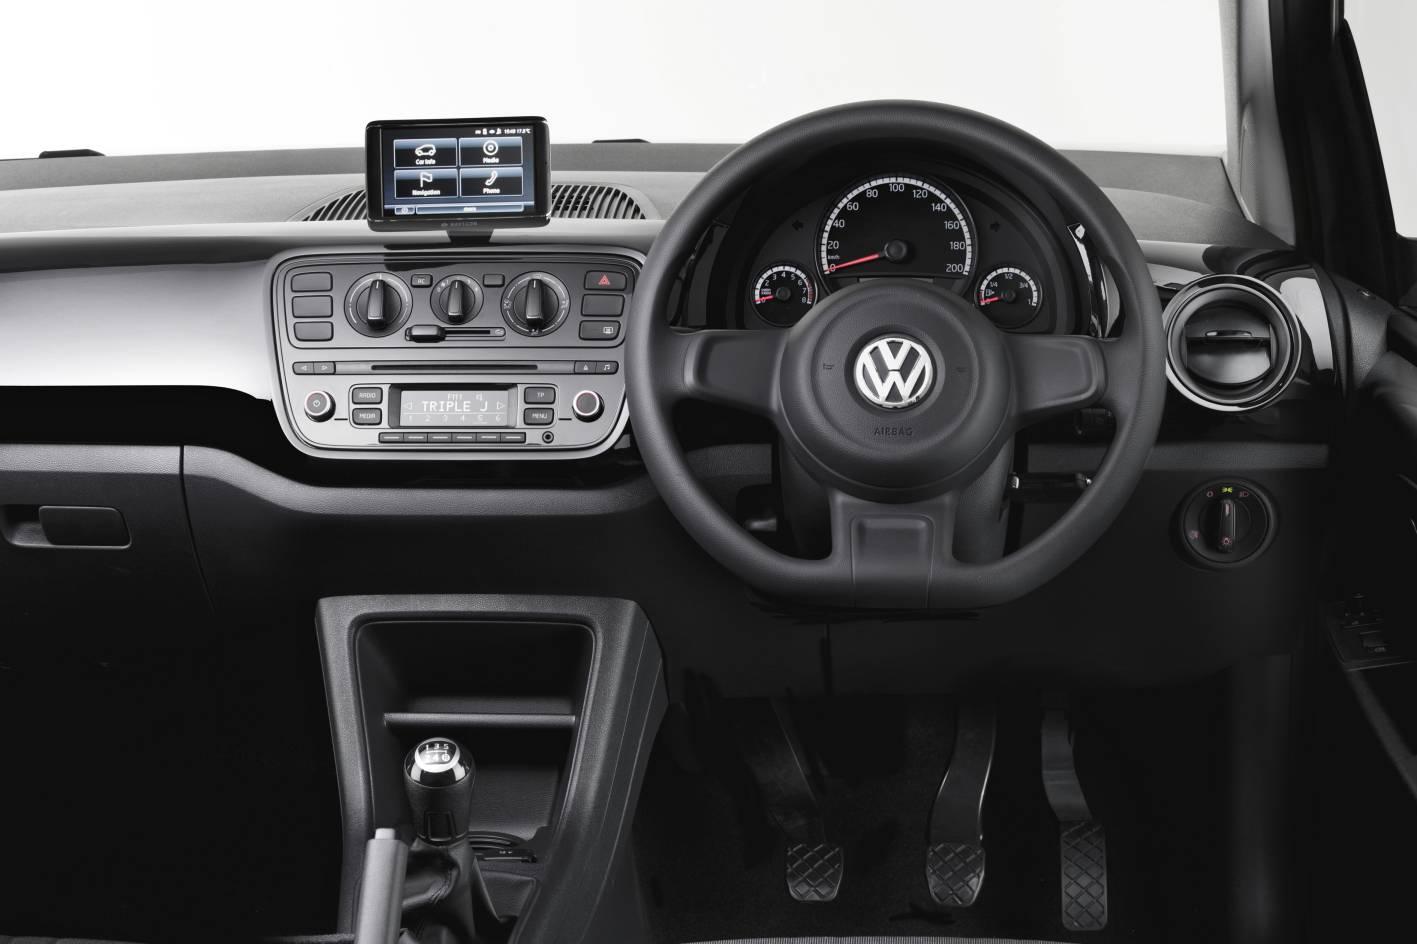 Volkswagen Up Interiors Dashboard